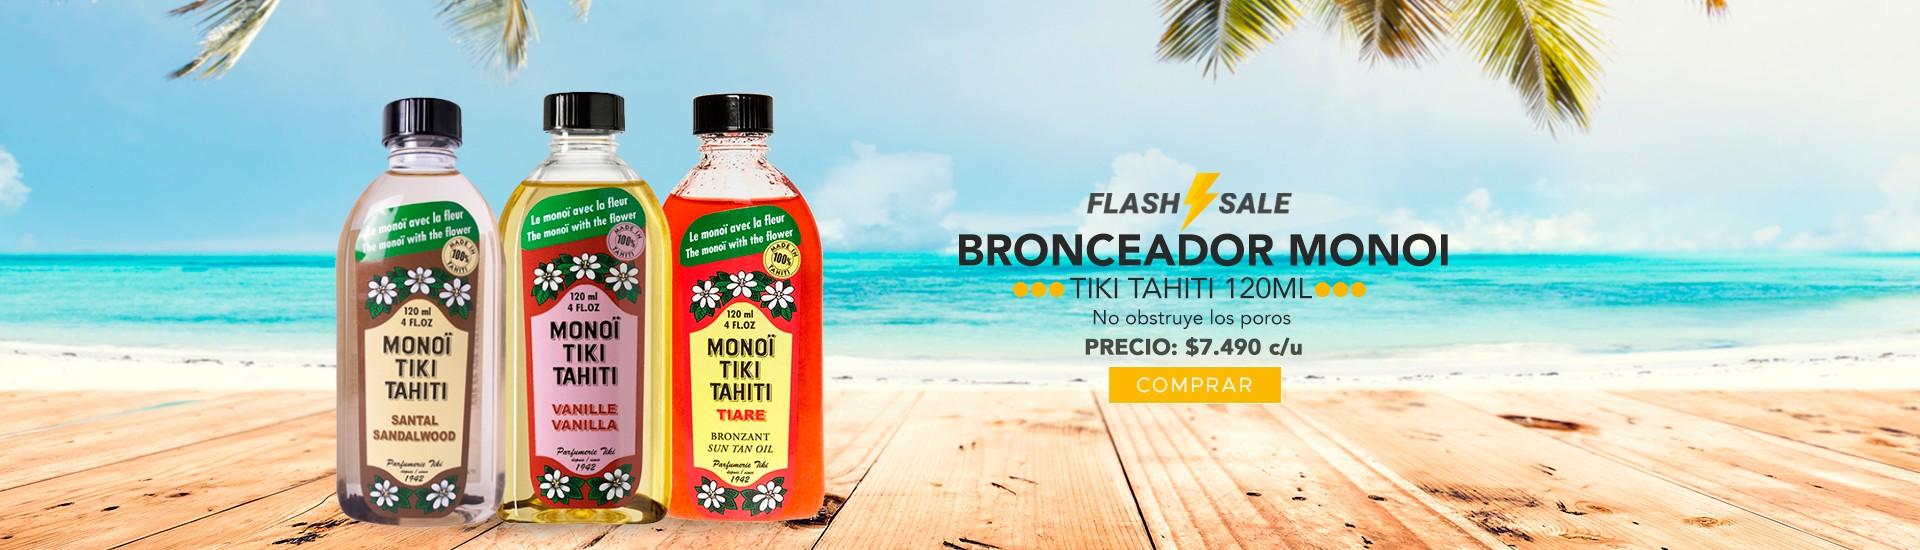 Bronceador Monoi tiki Tahiti varios aromas en El Container